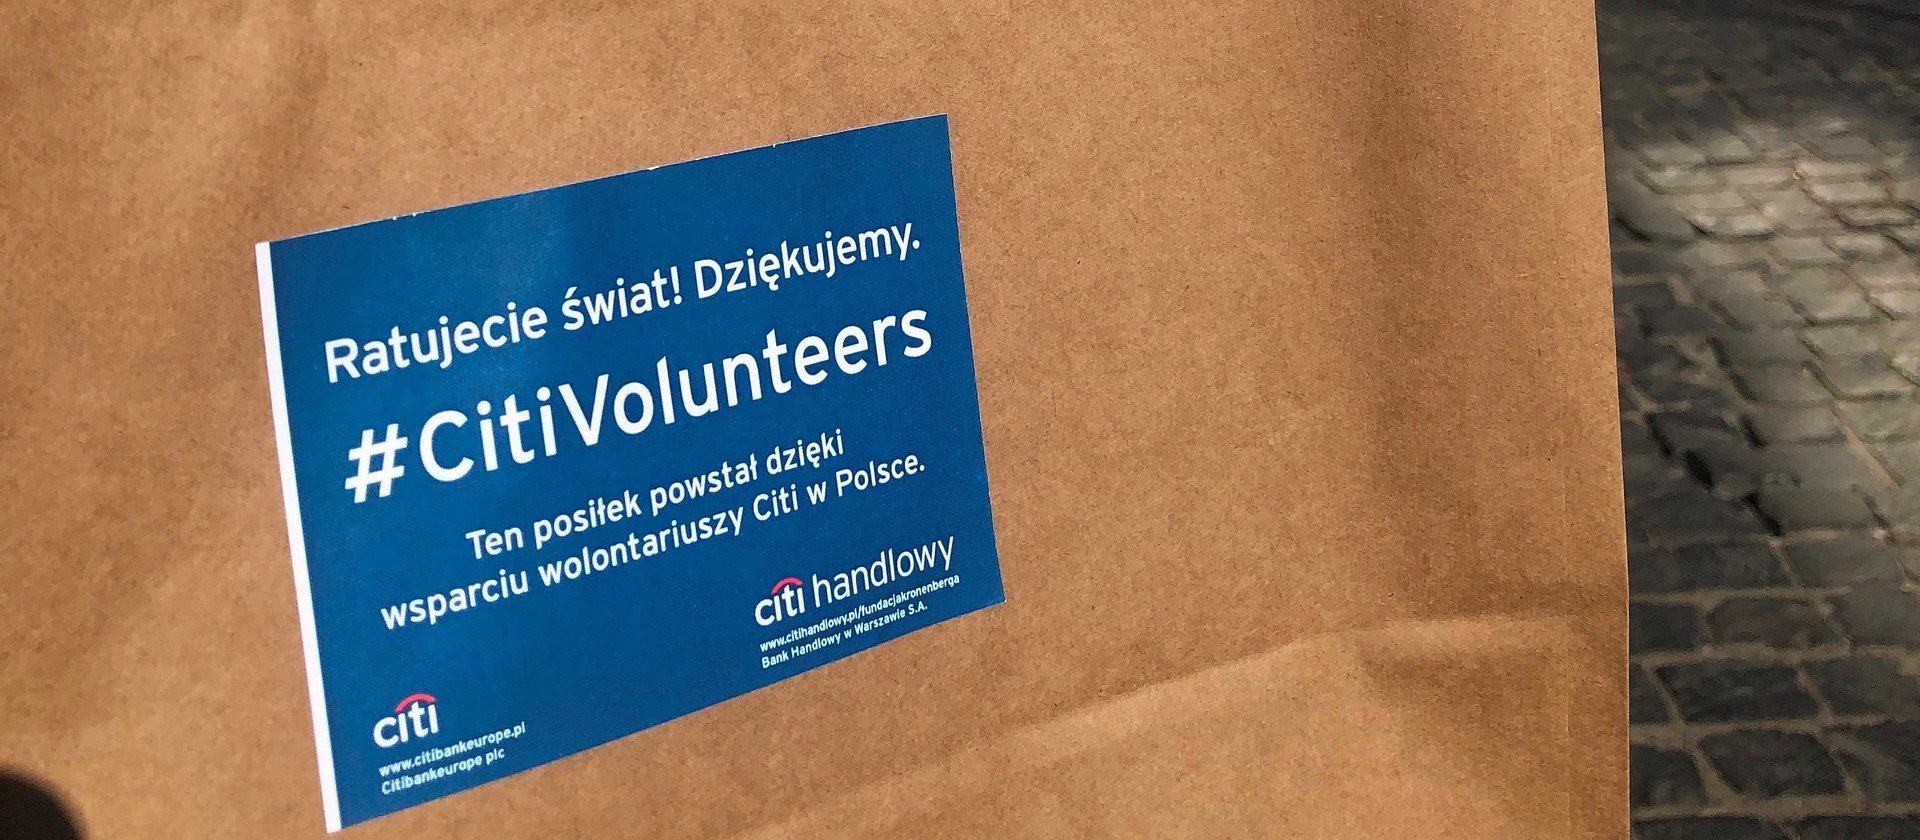 Ponad pół tysiąca wolontariuszy Citi wspiera ratowników w Warszawie i Olsztynie